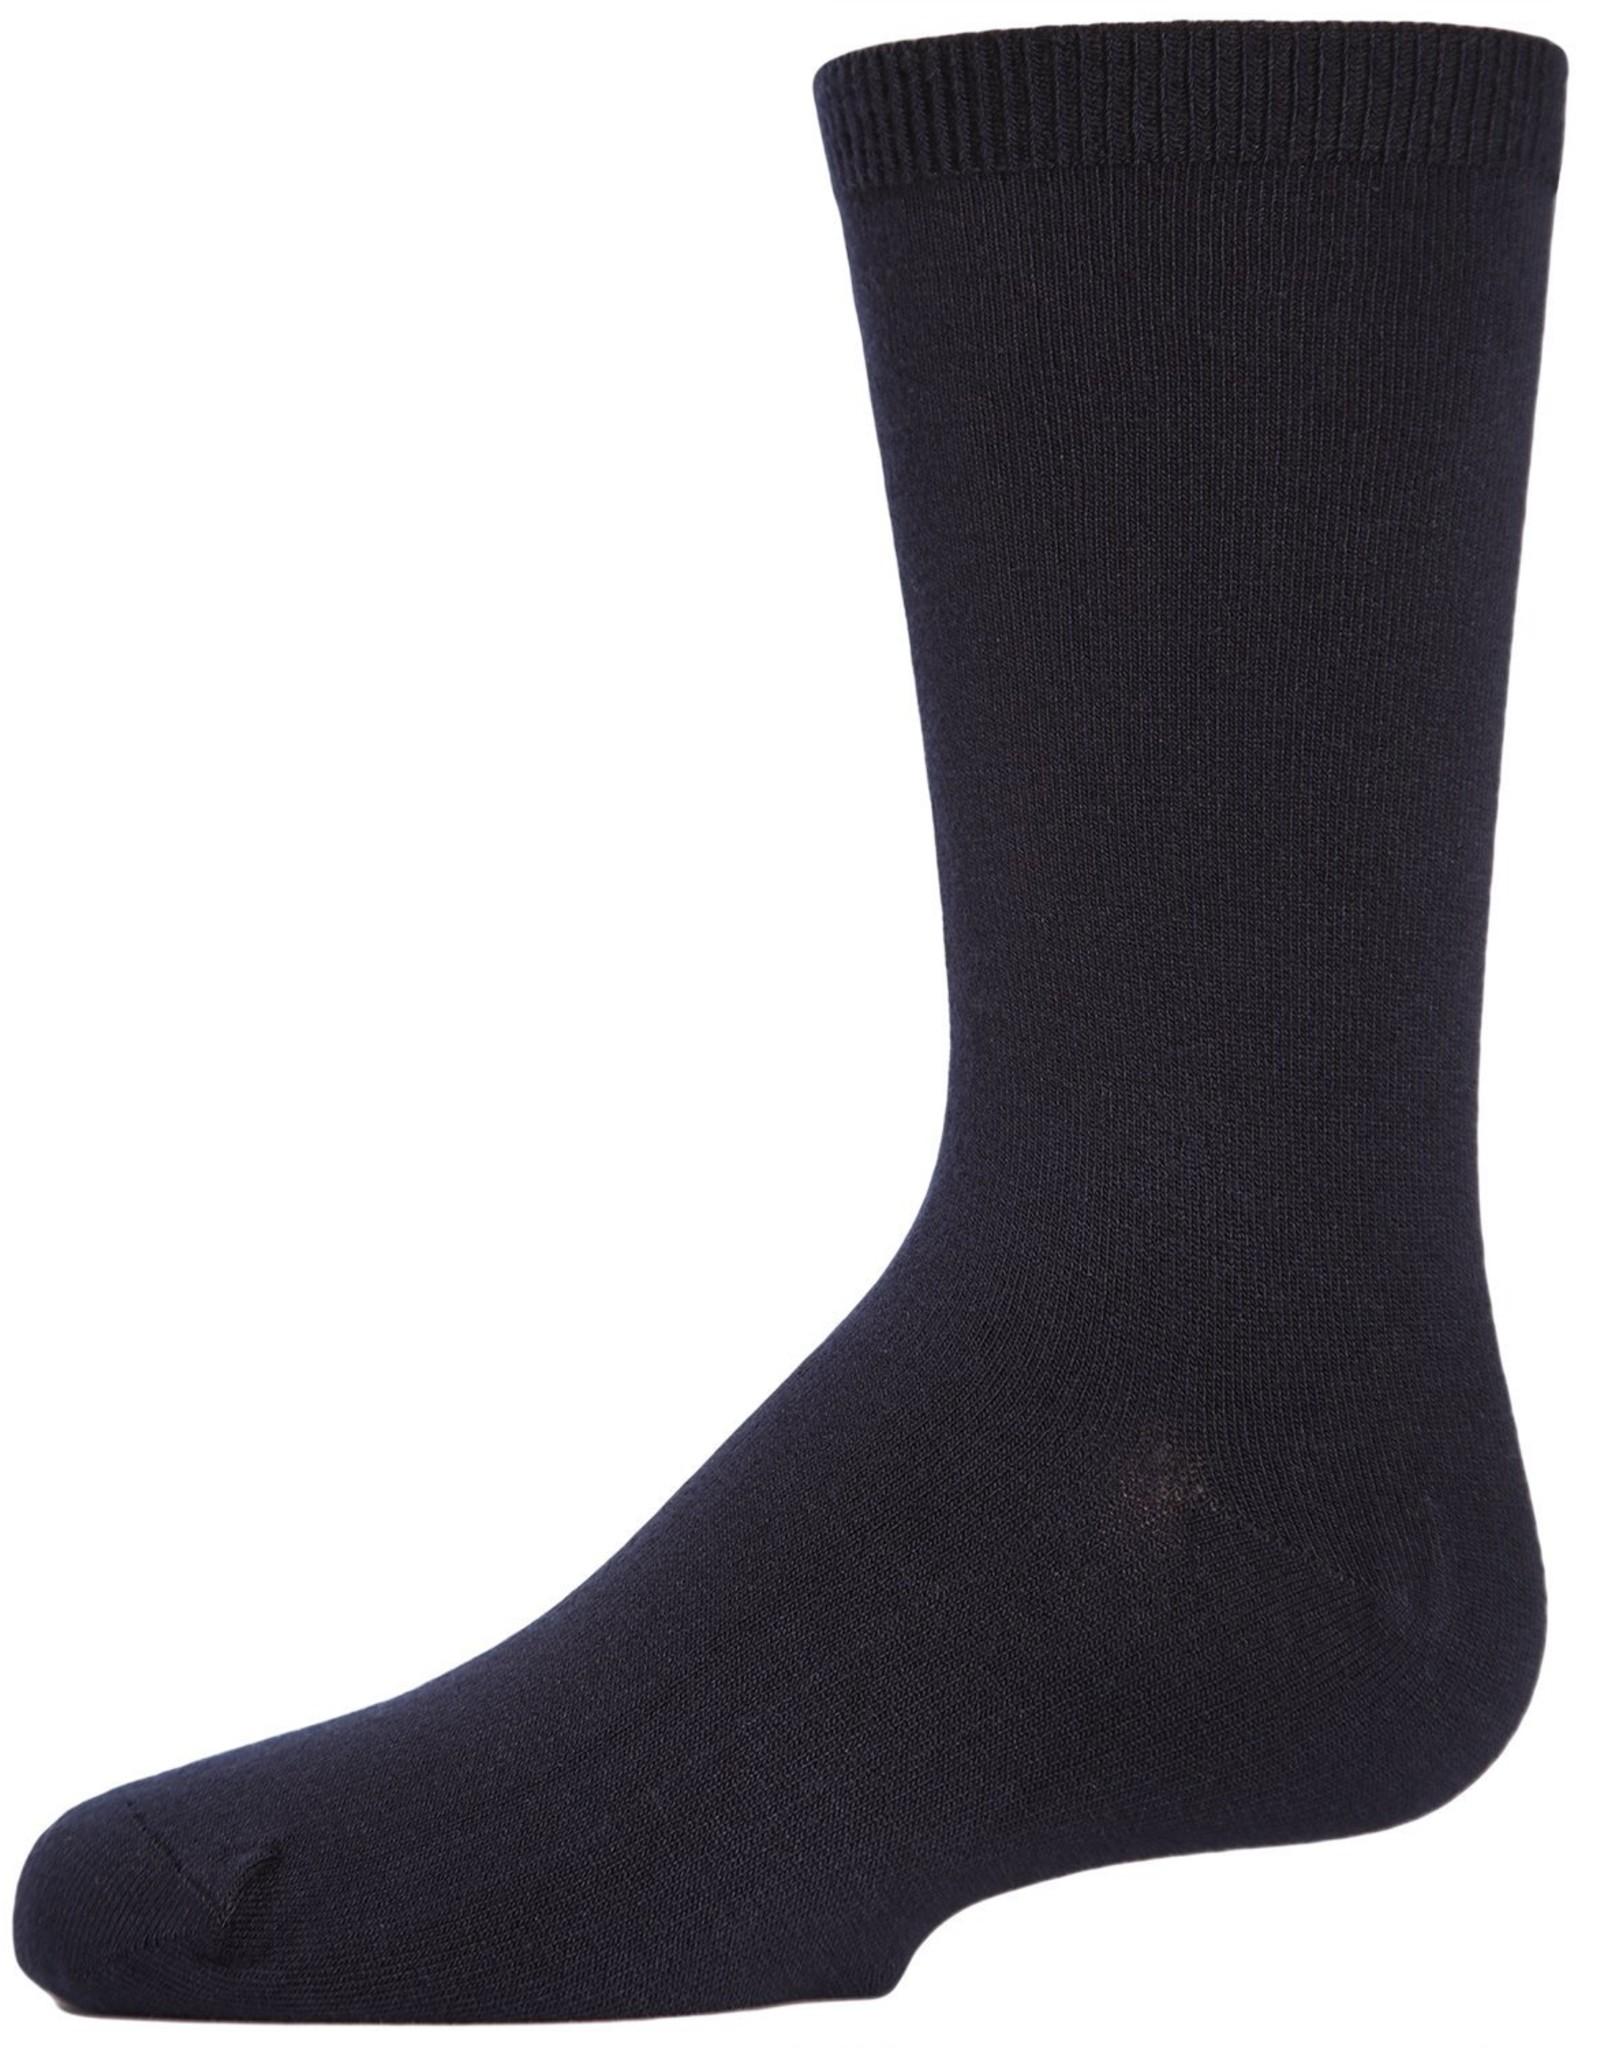 Memoi Memoi Modal Crew Sock